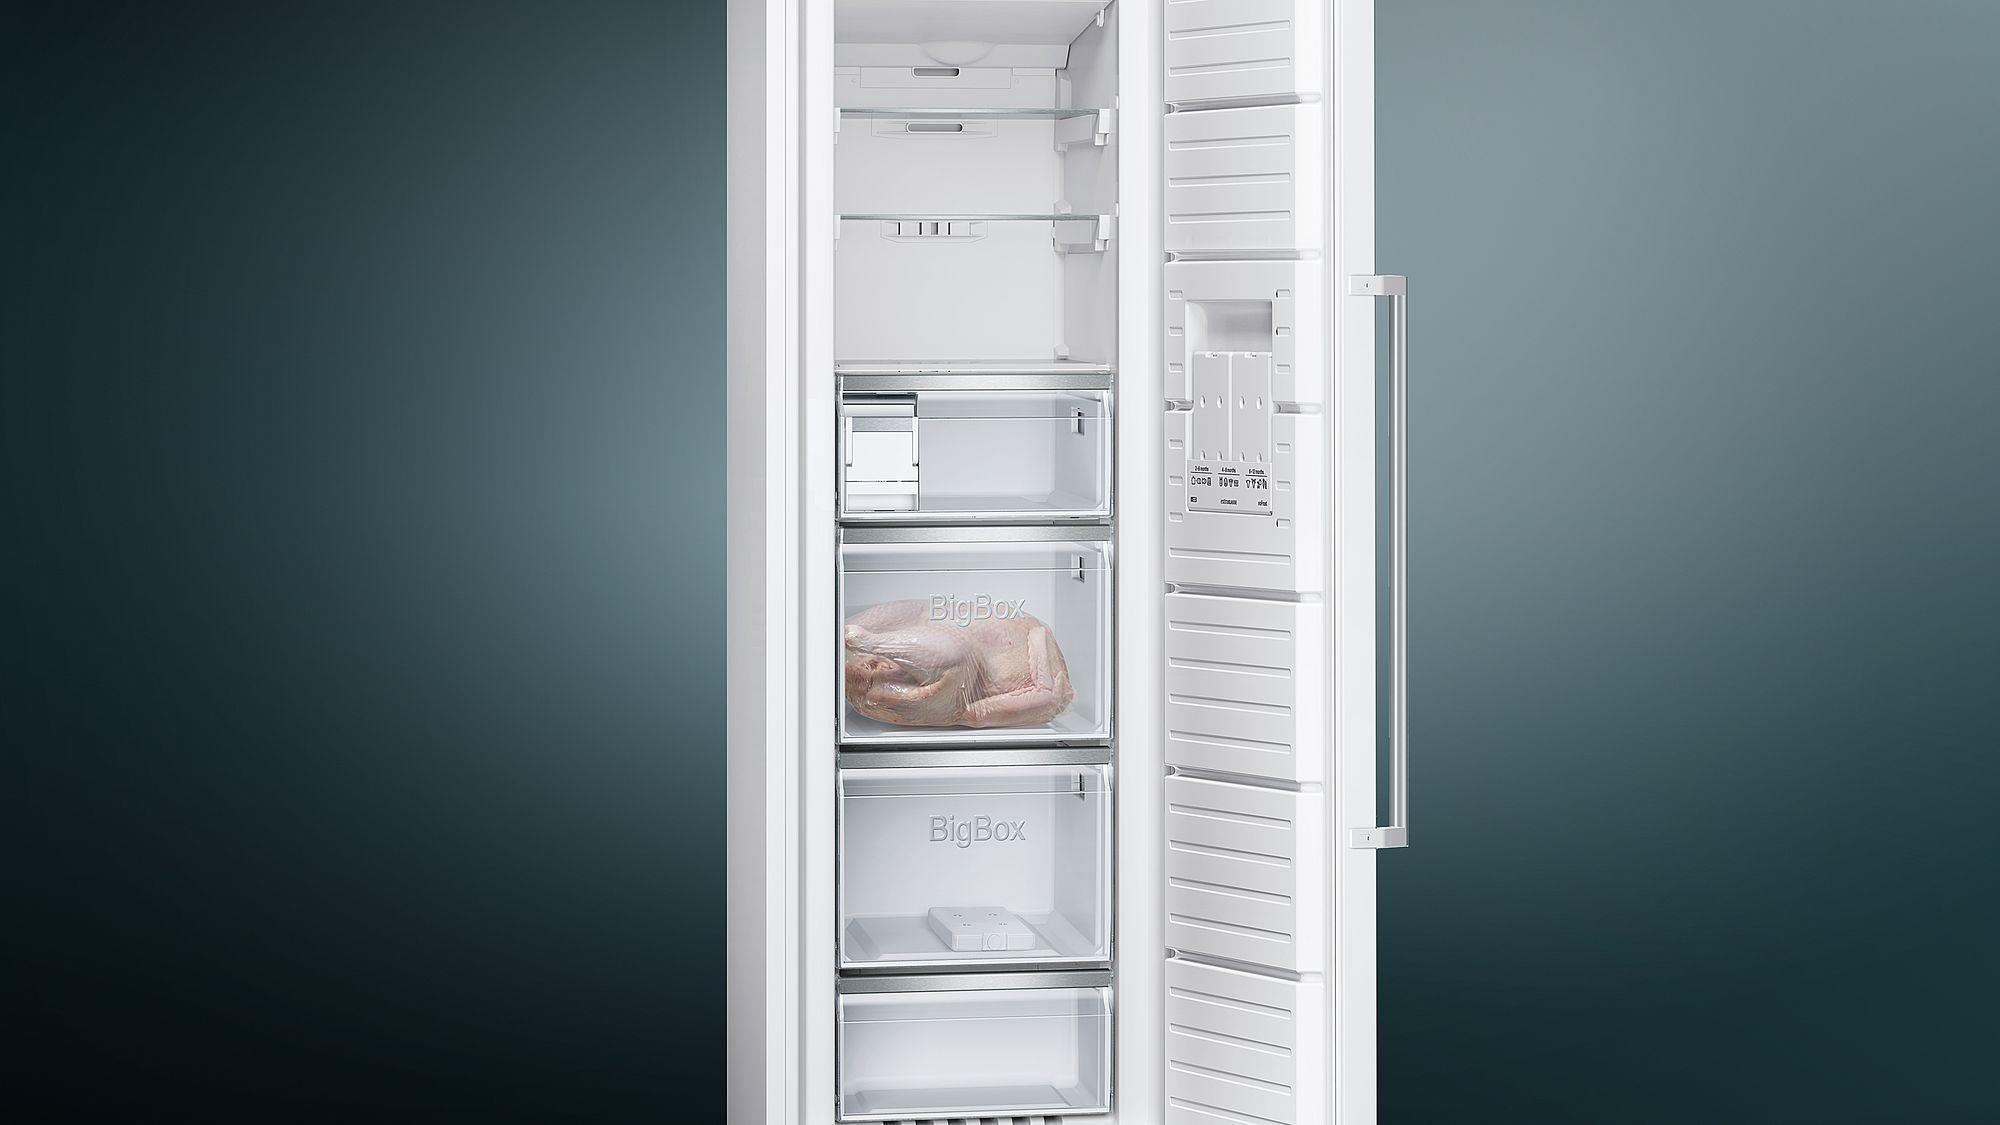 Siemens Kühlschrank Unterschiede : Siemens gs36naw3p a stand gefrierschrank 60 cm breit nofrost